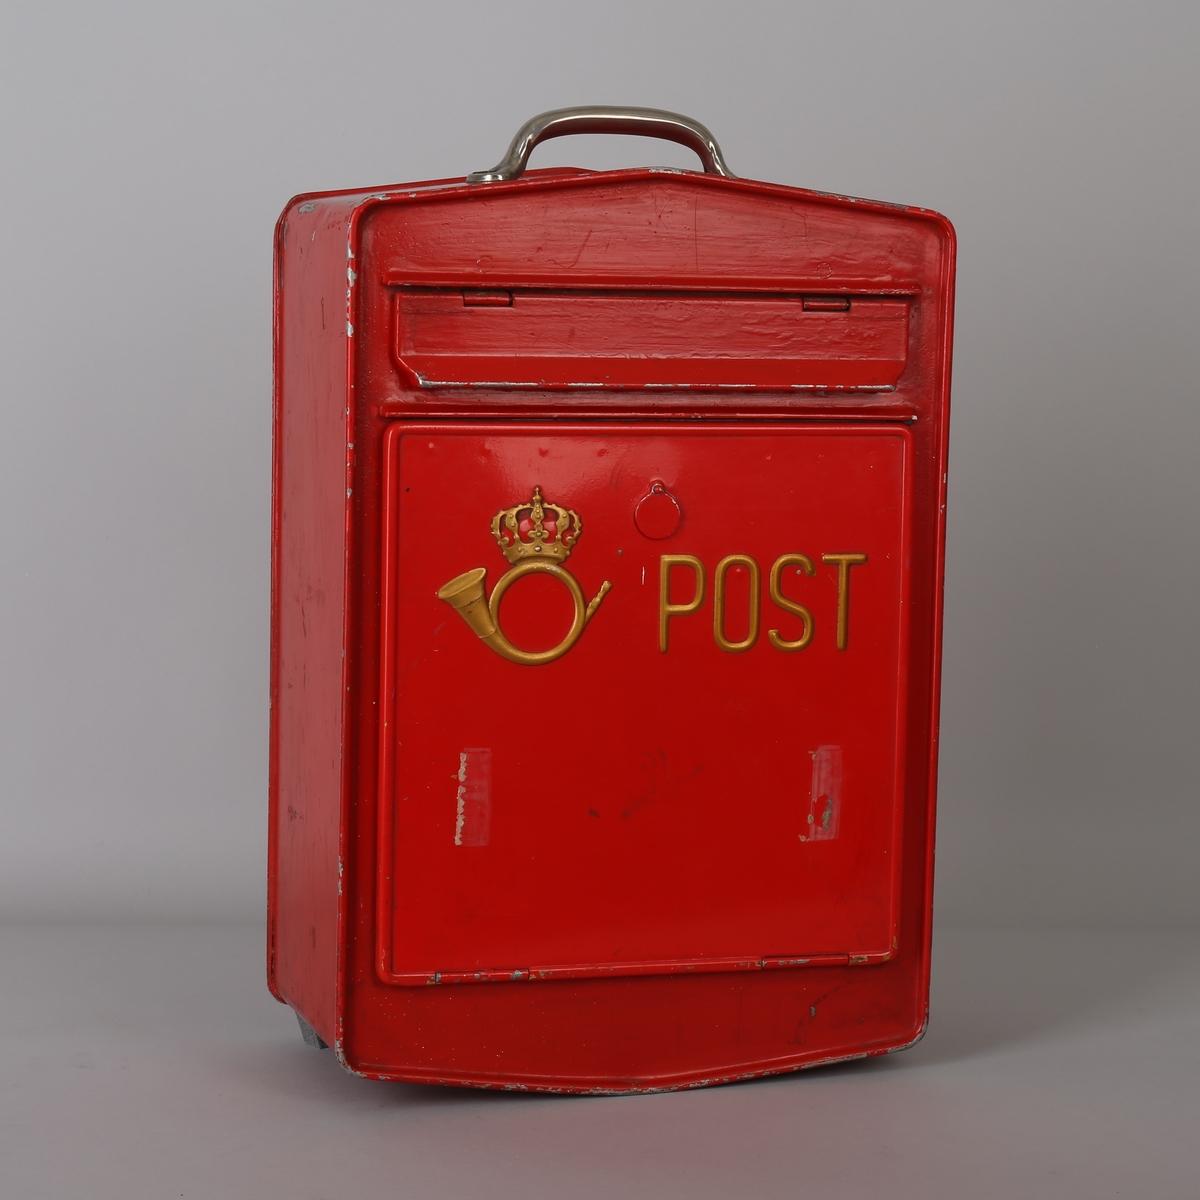 Rød postkasse med gammel postlogo brukt ombord på MS SOGNEFJORD med håndtak på toppen av kassen. Nøkkel mangler.